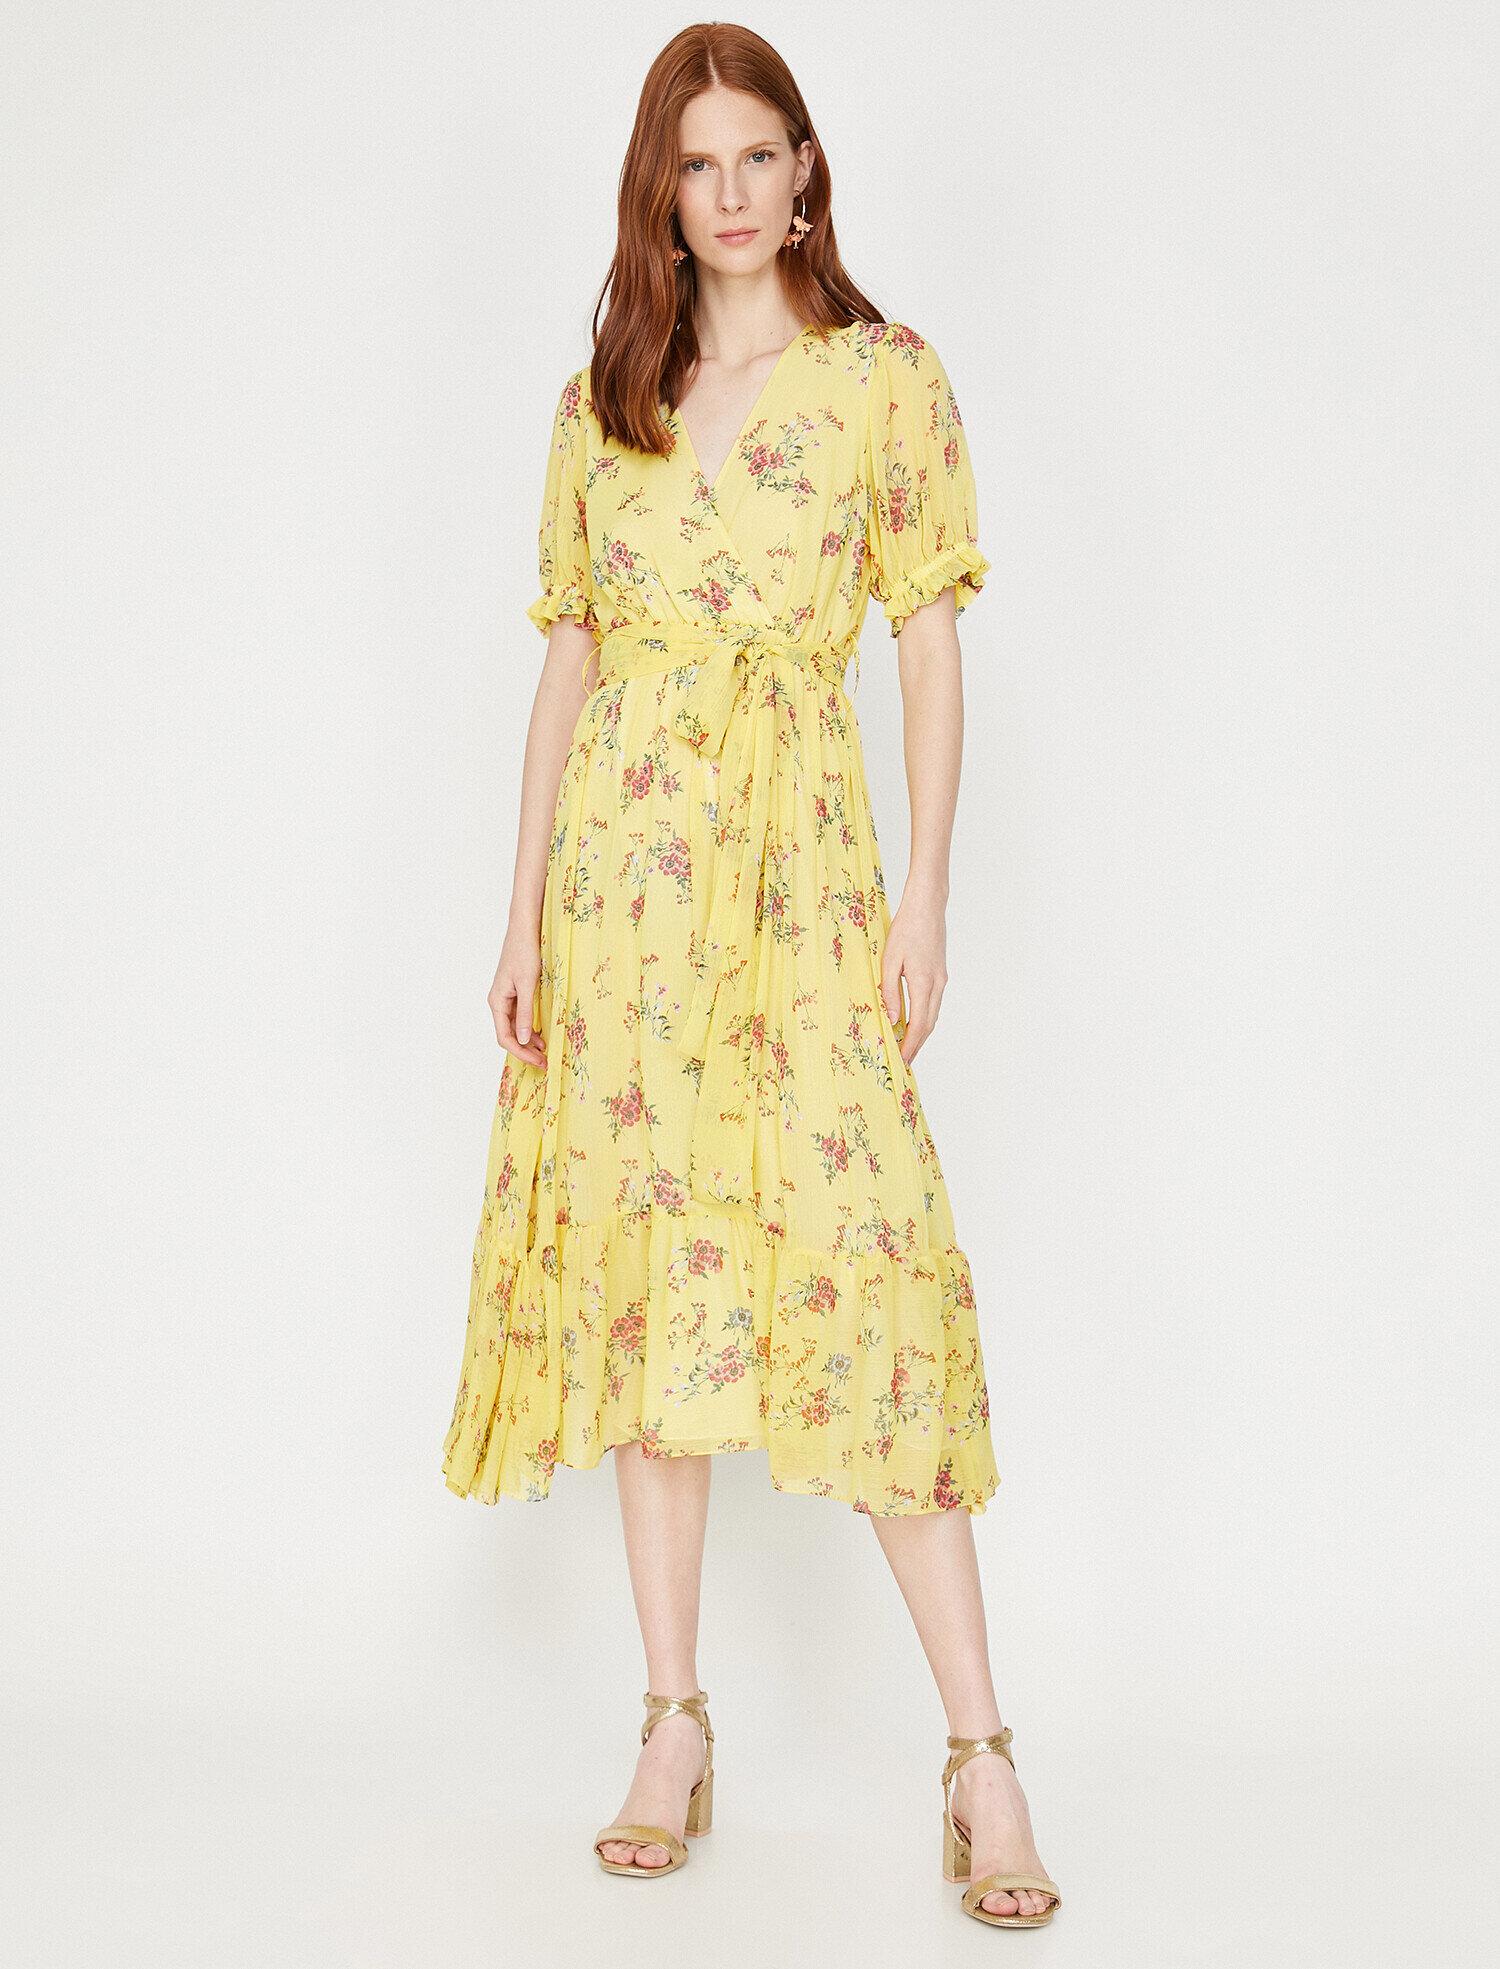 9c49267ddcc09 Sarı Bayan The Floral Dress - Çiçek Desenli Elbise 9YAK83281EW50A ...